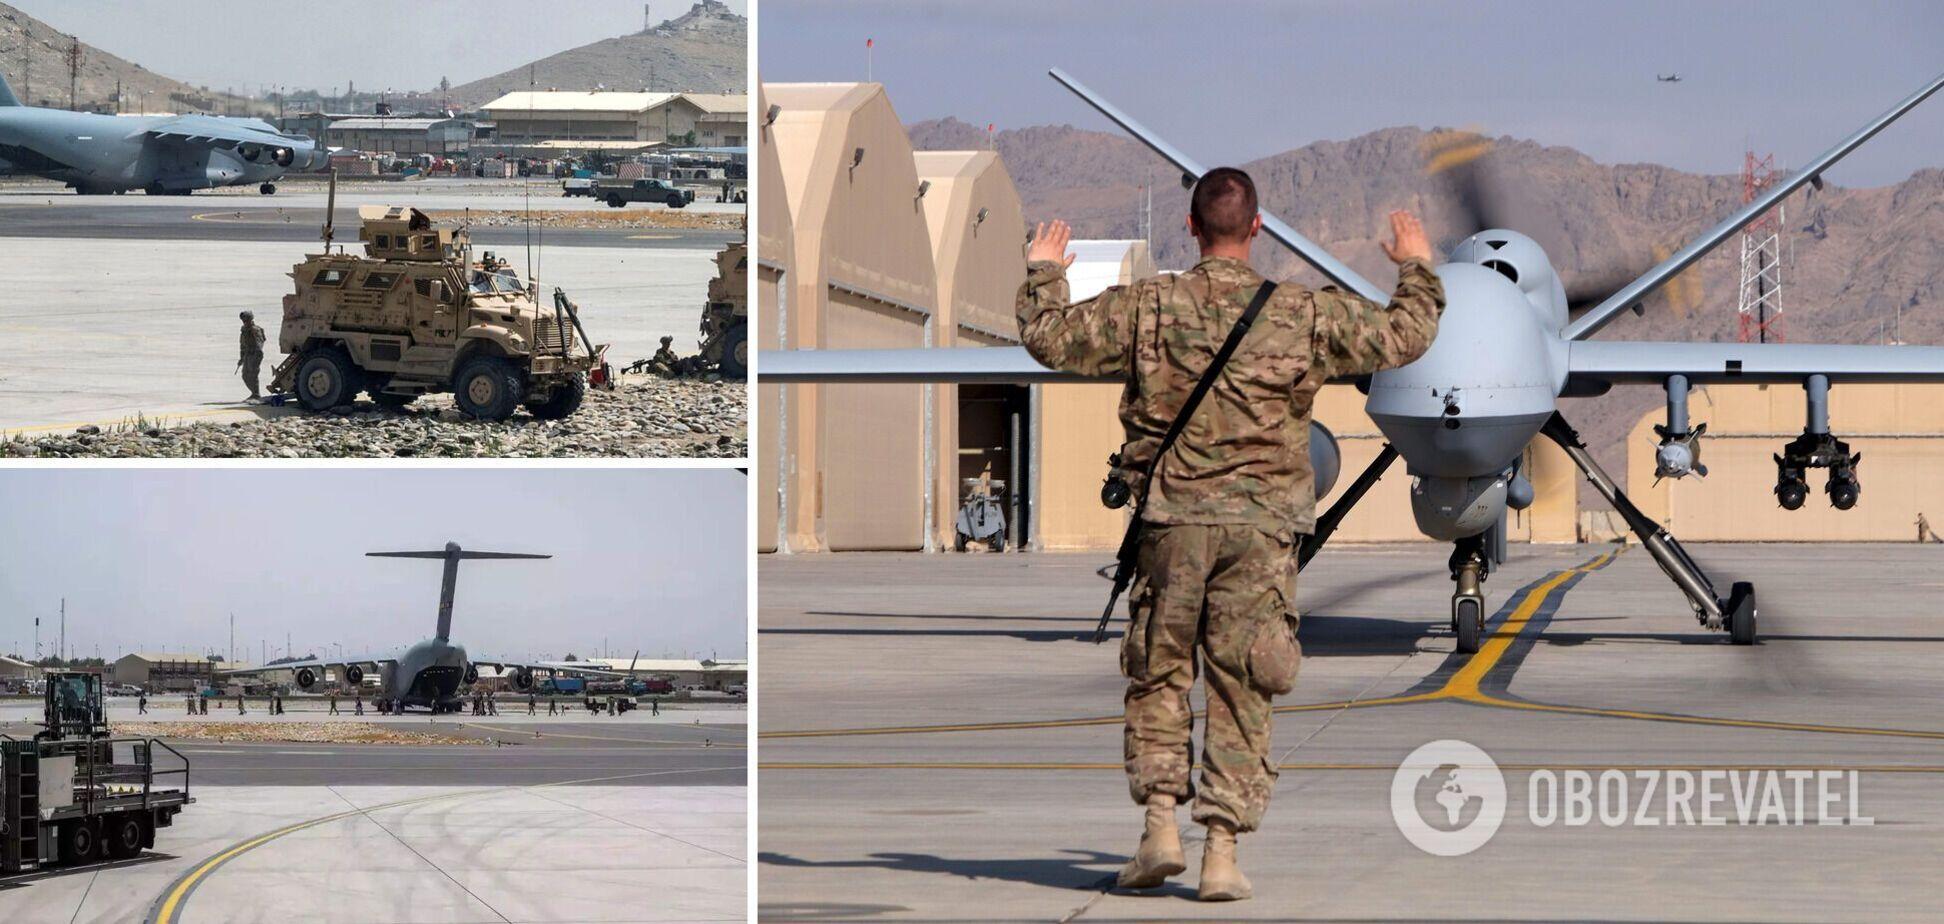 Военные США перед уходом из Афганистана вывели из строя самолеты и бронемашины в Кабуле